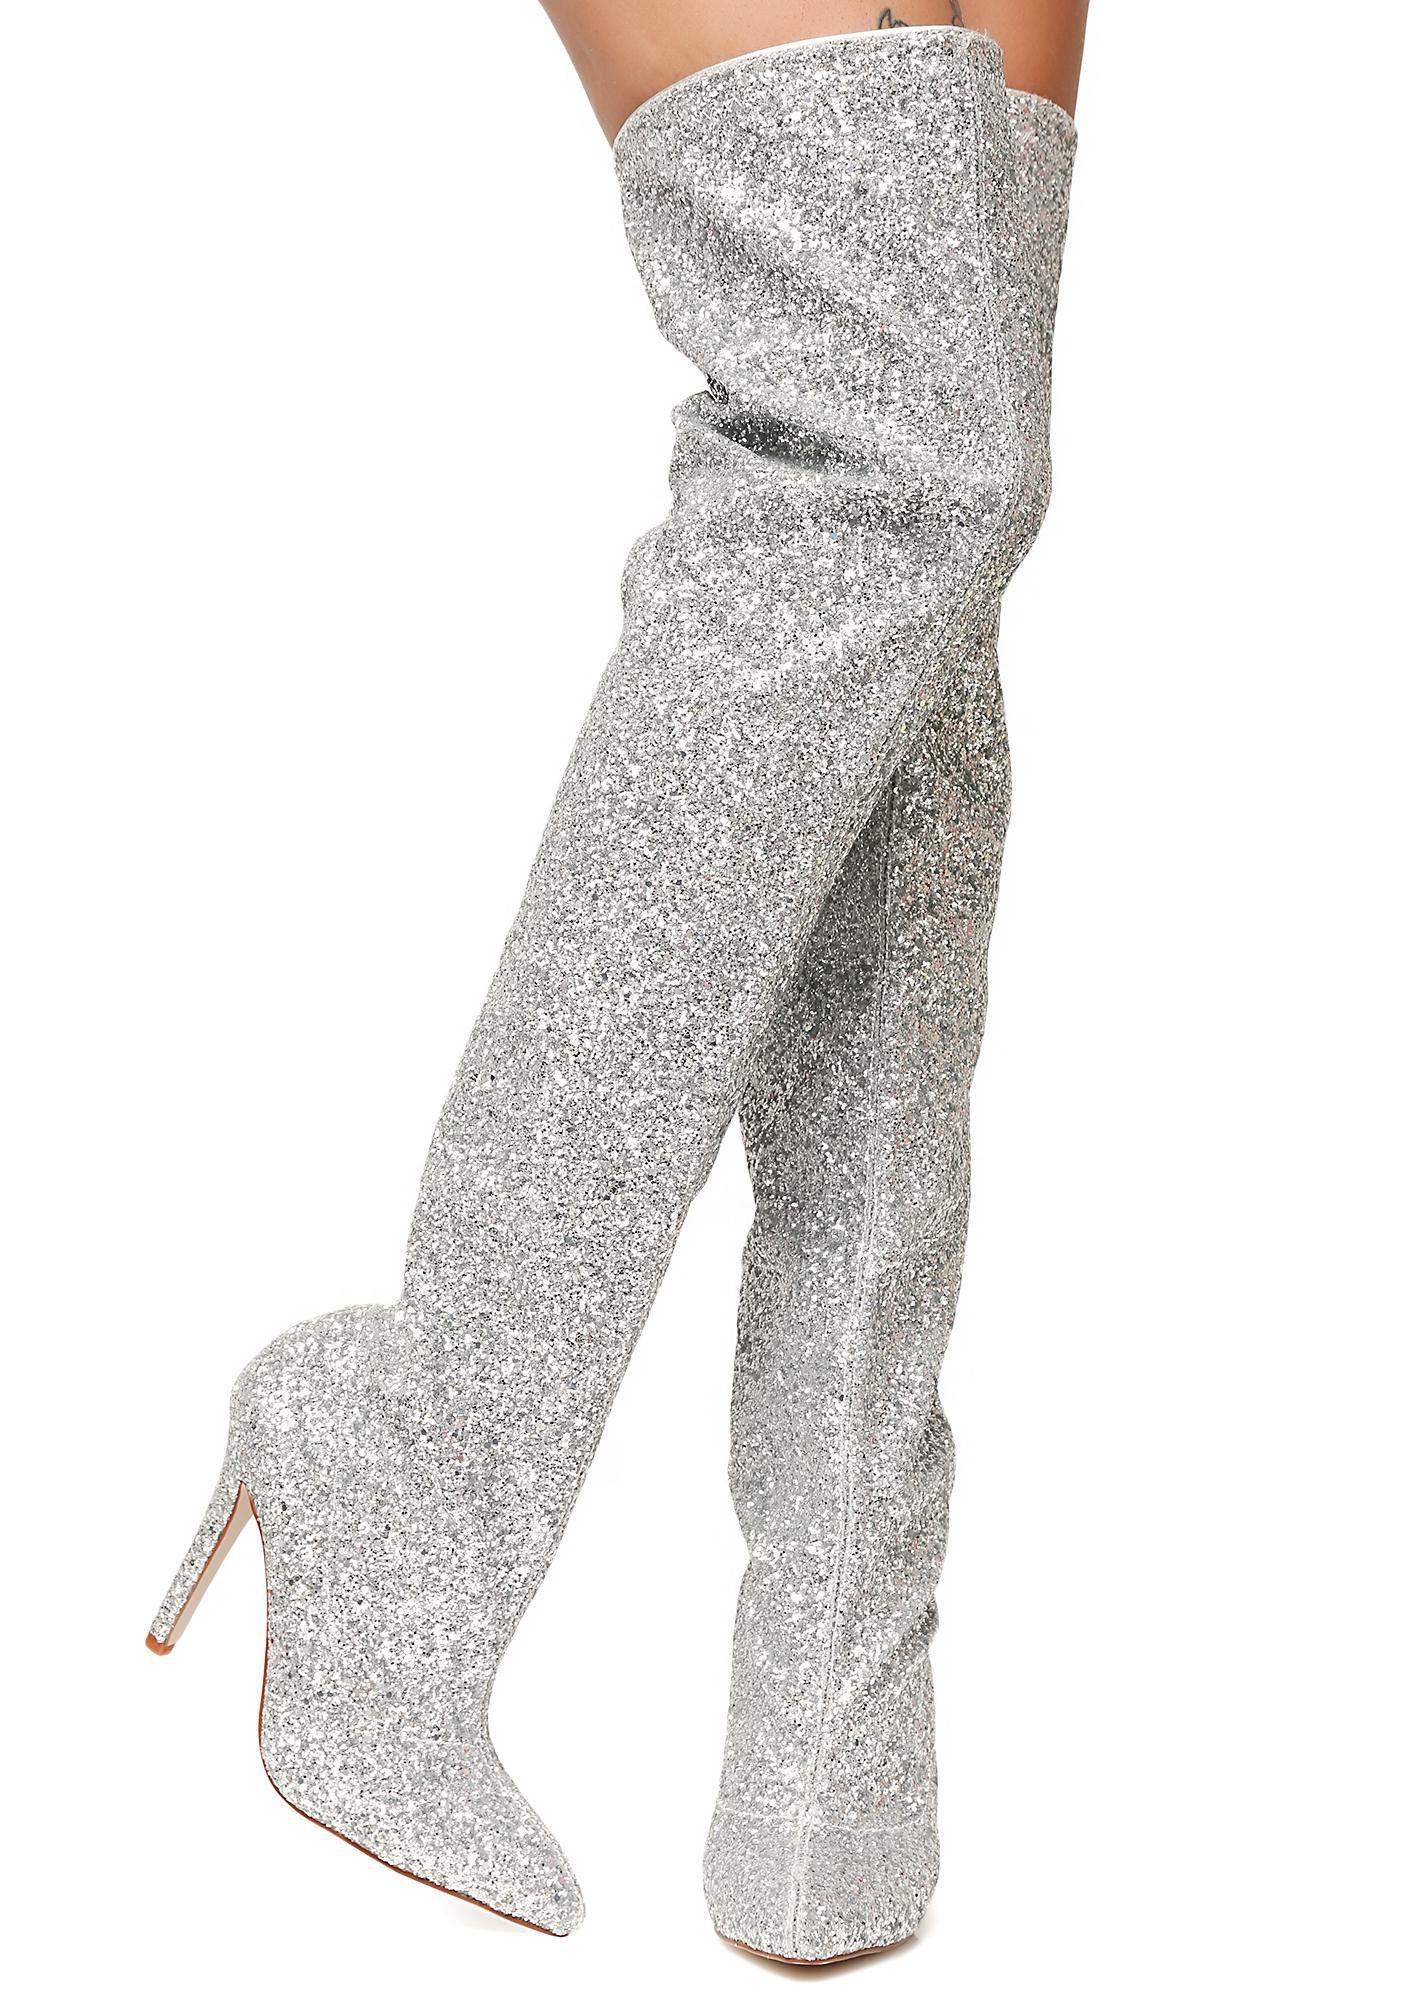 Glitz N' Glamour Glitter Thigh-High